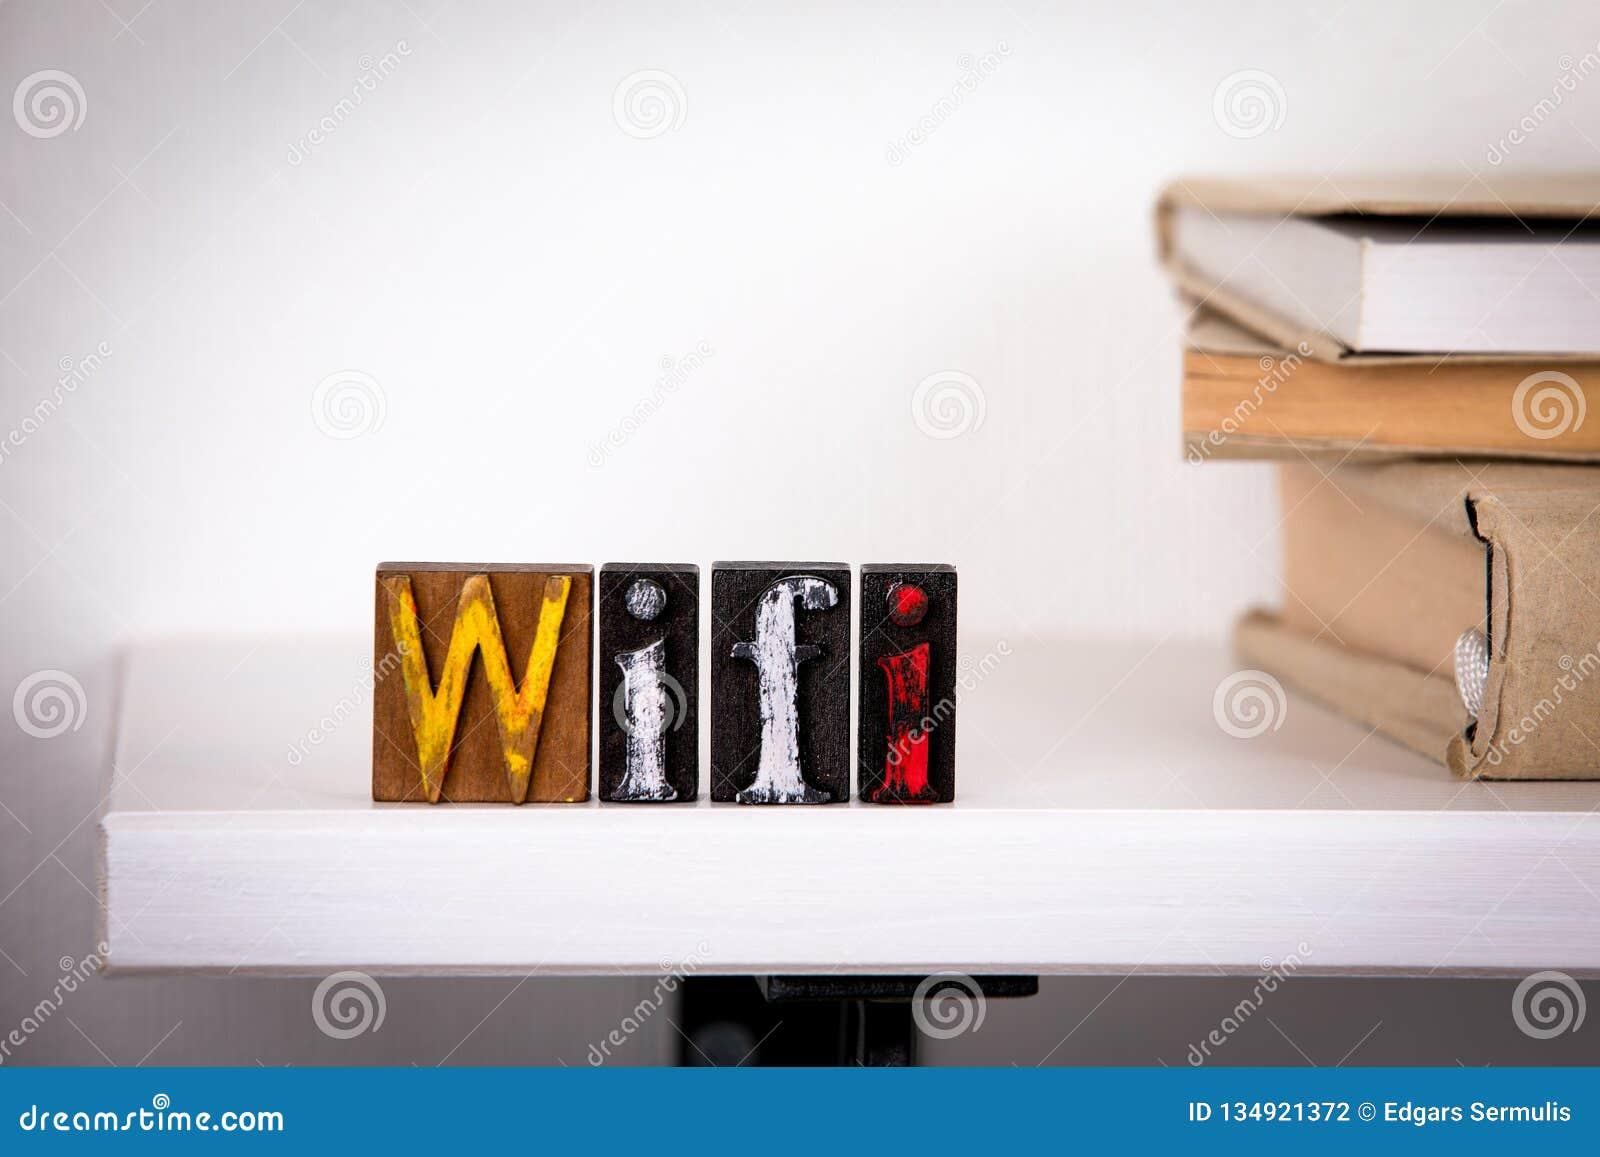 De Houten brieven van het Wifiwoord op het bureau